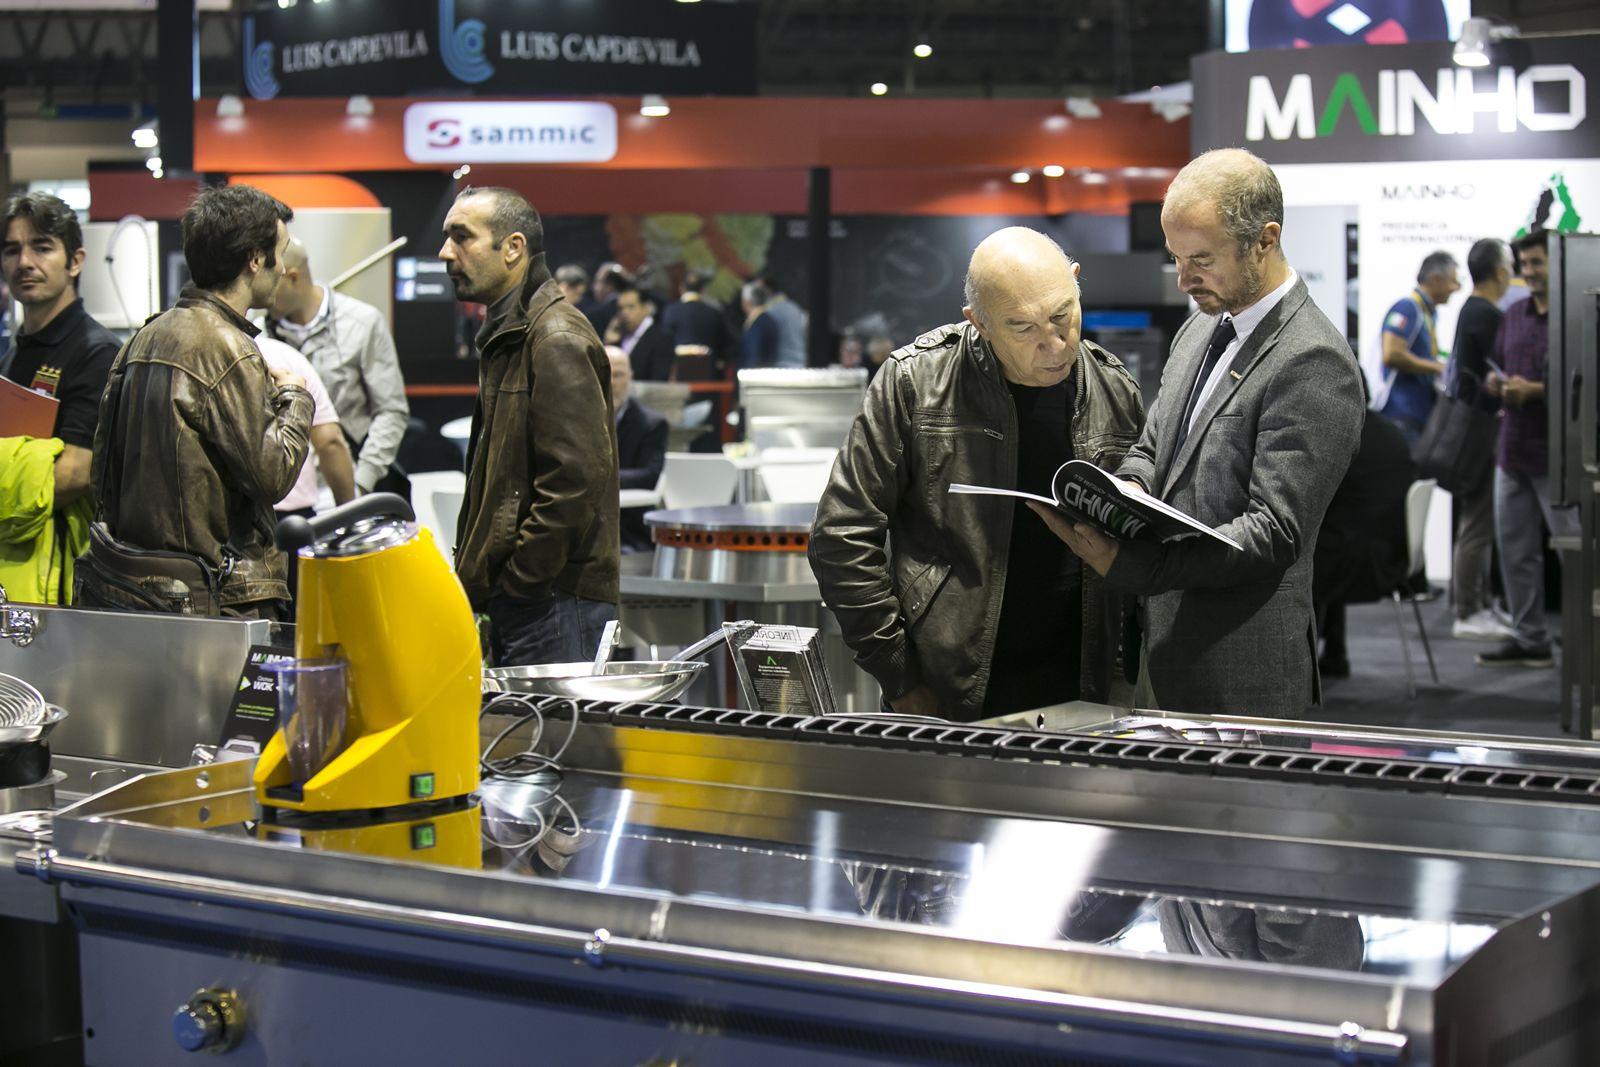 maquinaria de hosteler a un sector en alza notas de prensa